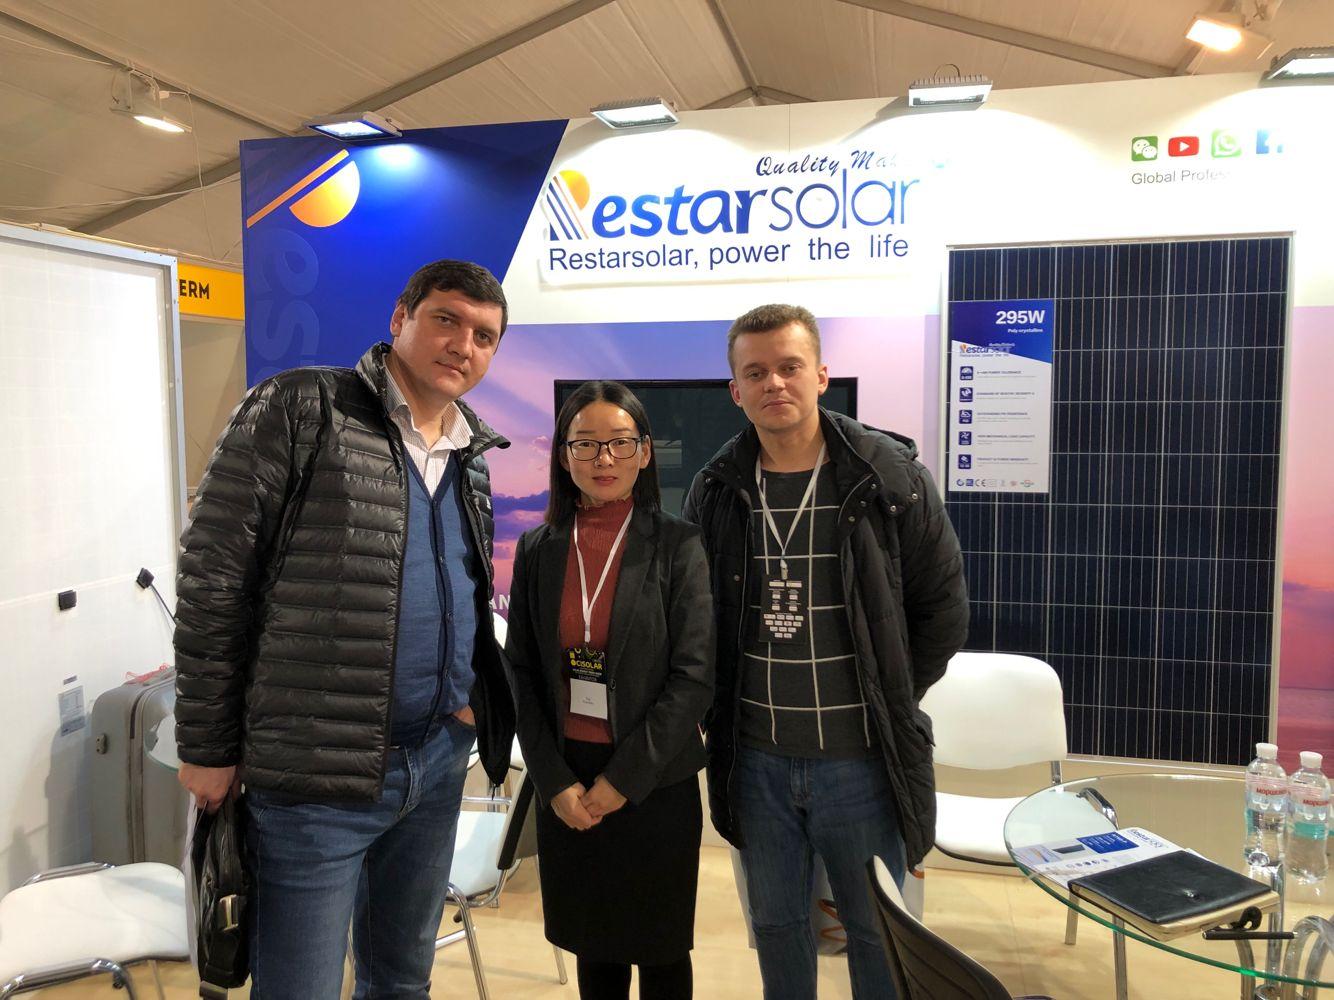 تشارك Restar Solar في المعرض الأوكراني الدولي للطاقة الشمسية لعام 2019 وتواصل استكشاف السوق الأوروبية